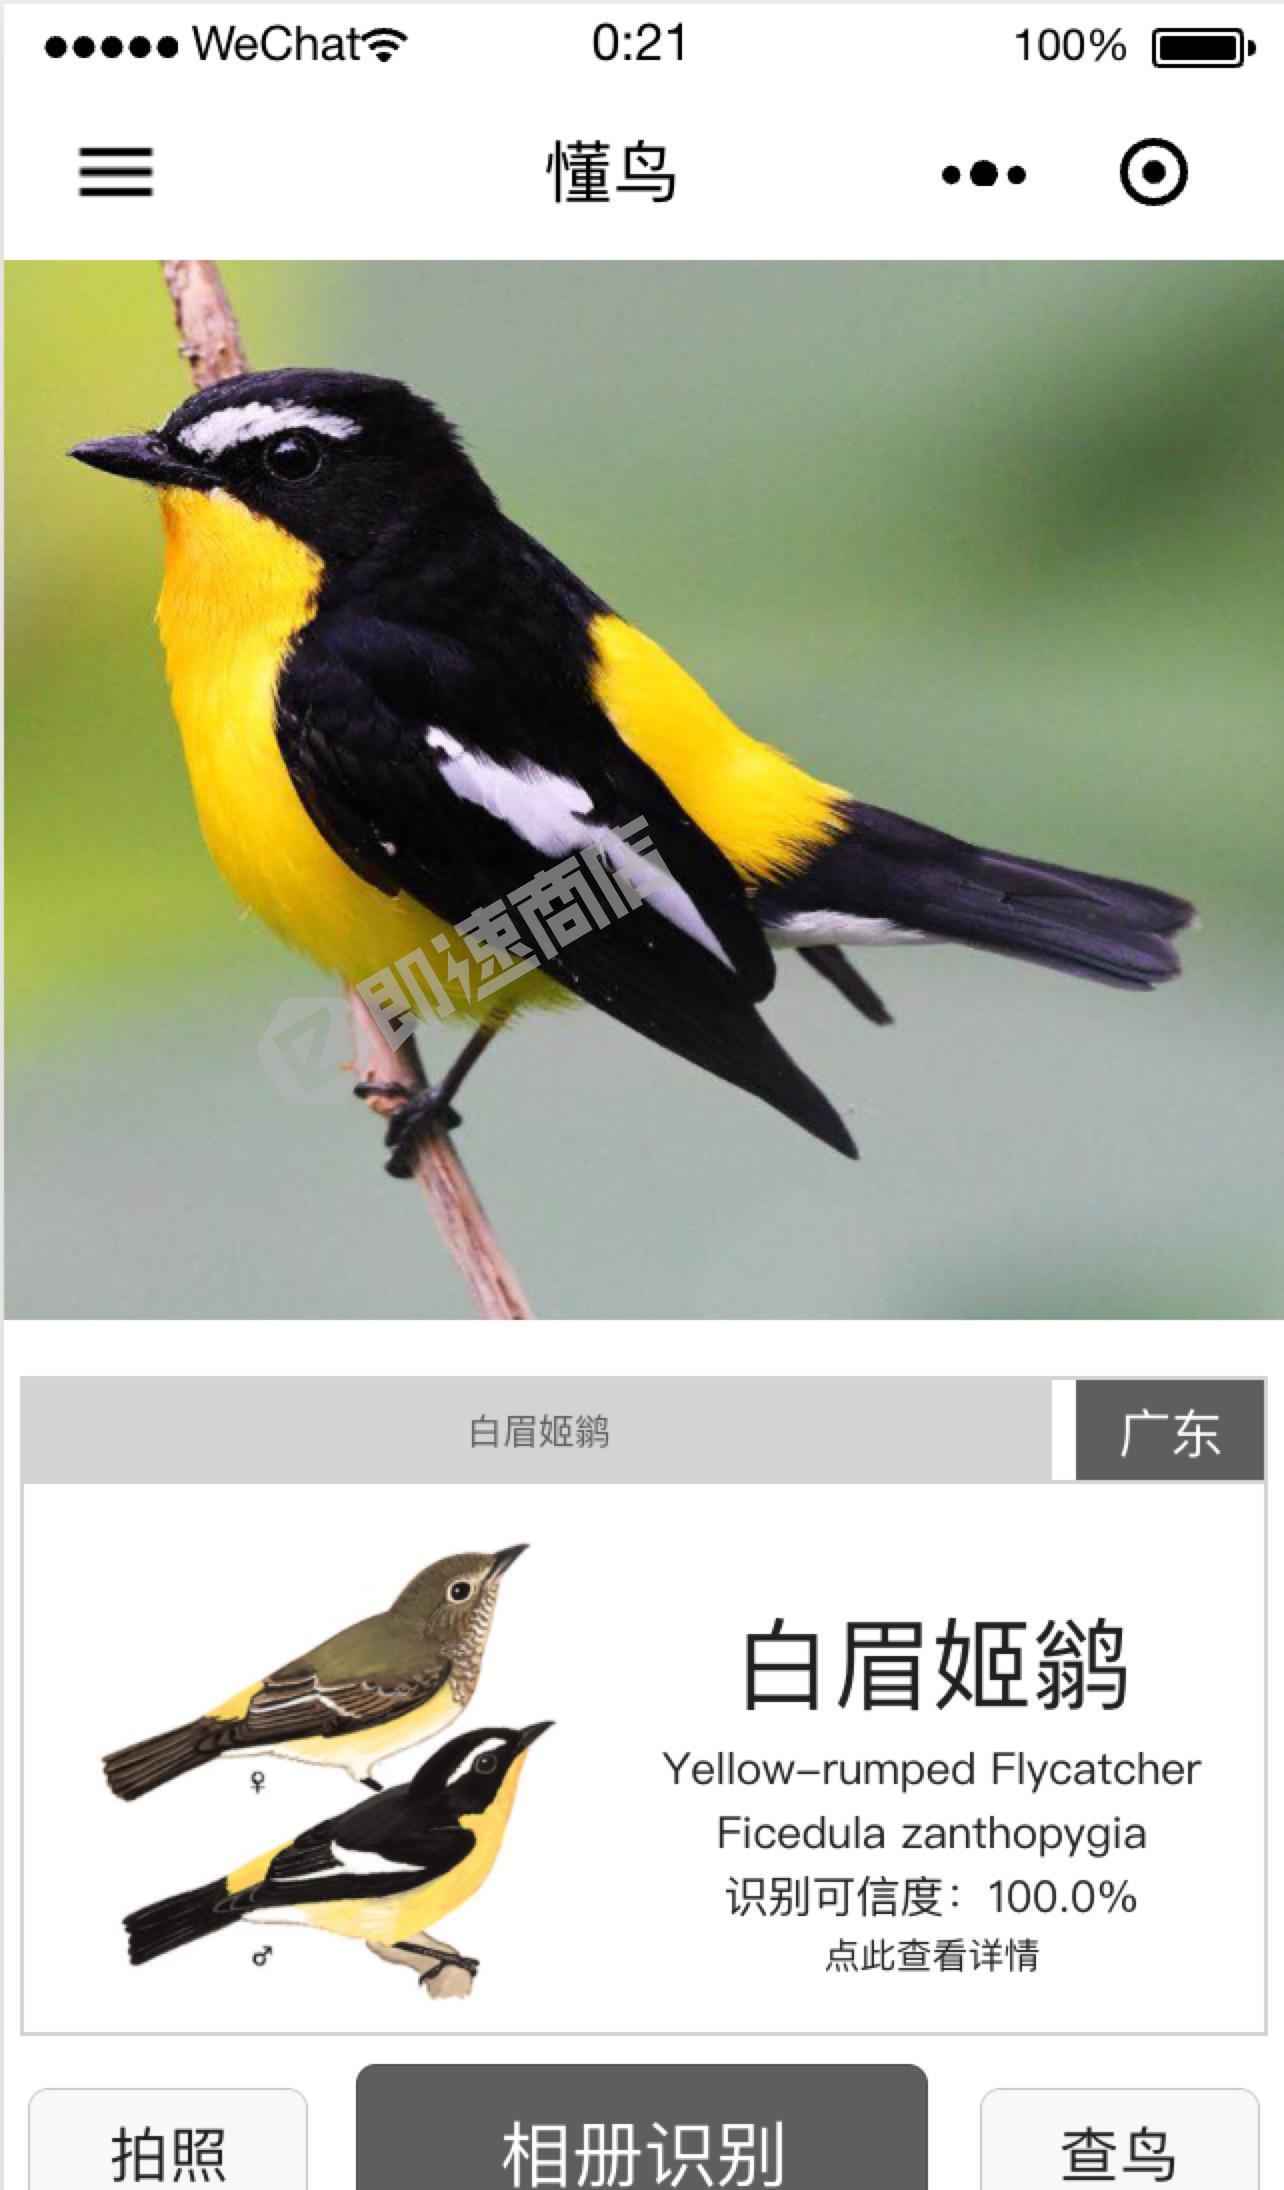 懂鸟小程序详情页截图